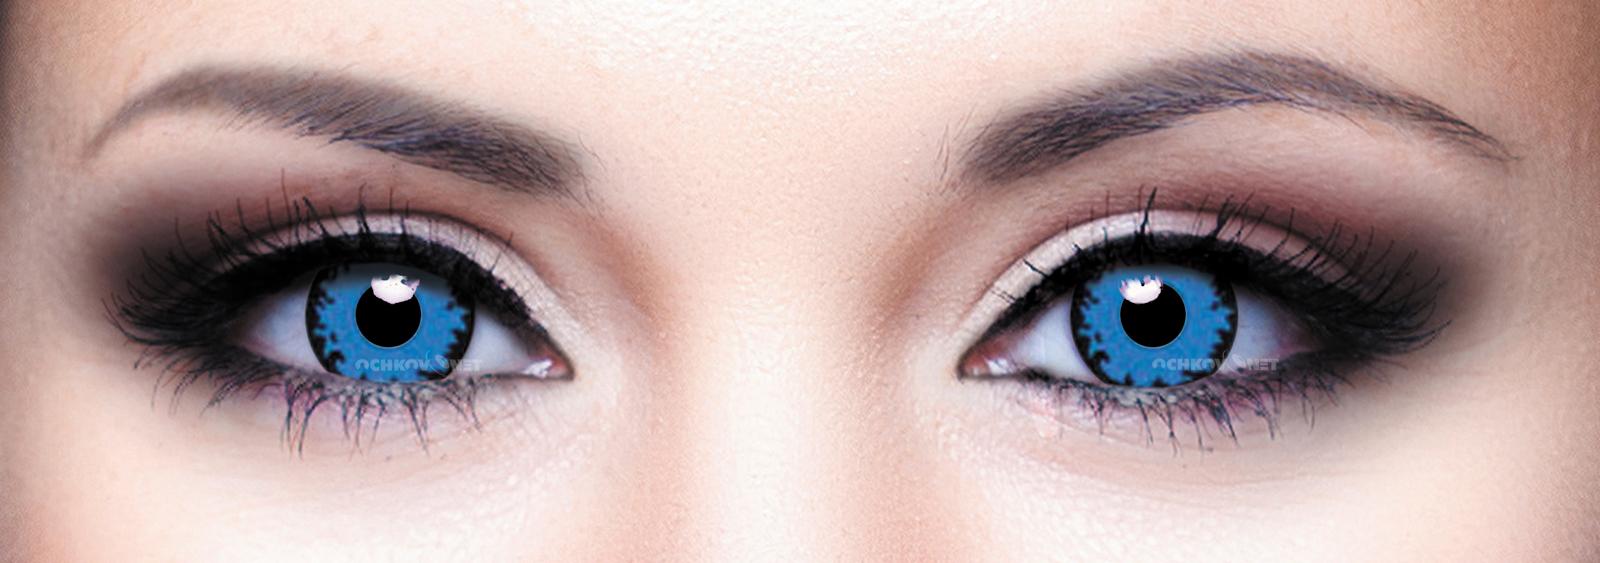 Контактные линзы Eye Free Colors 102 Синее пламя 2 линзы